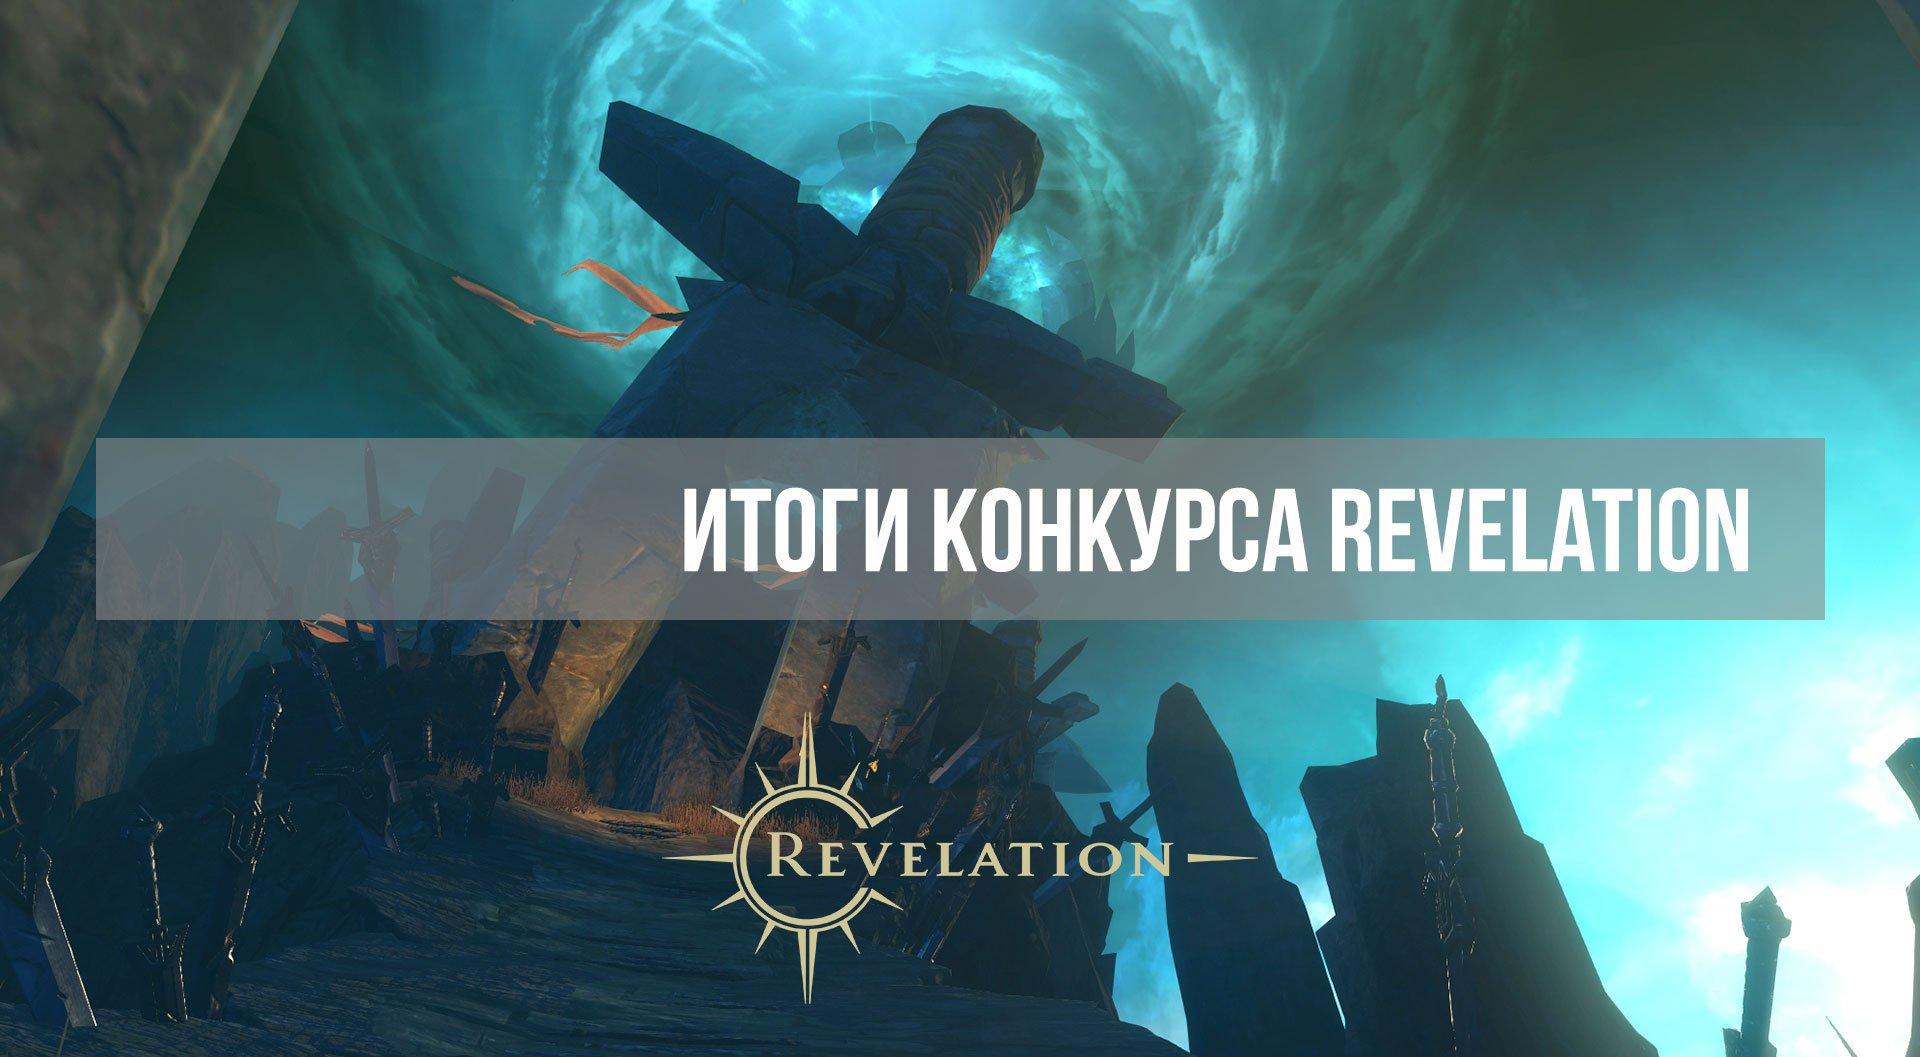 Итоги конкурса Revelation - Изображение 1